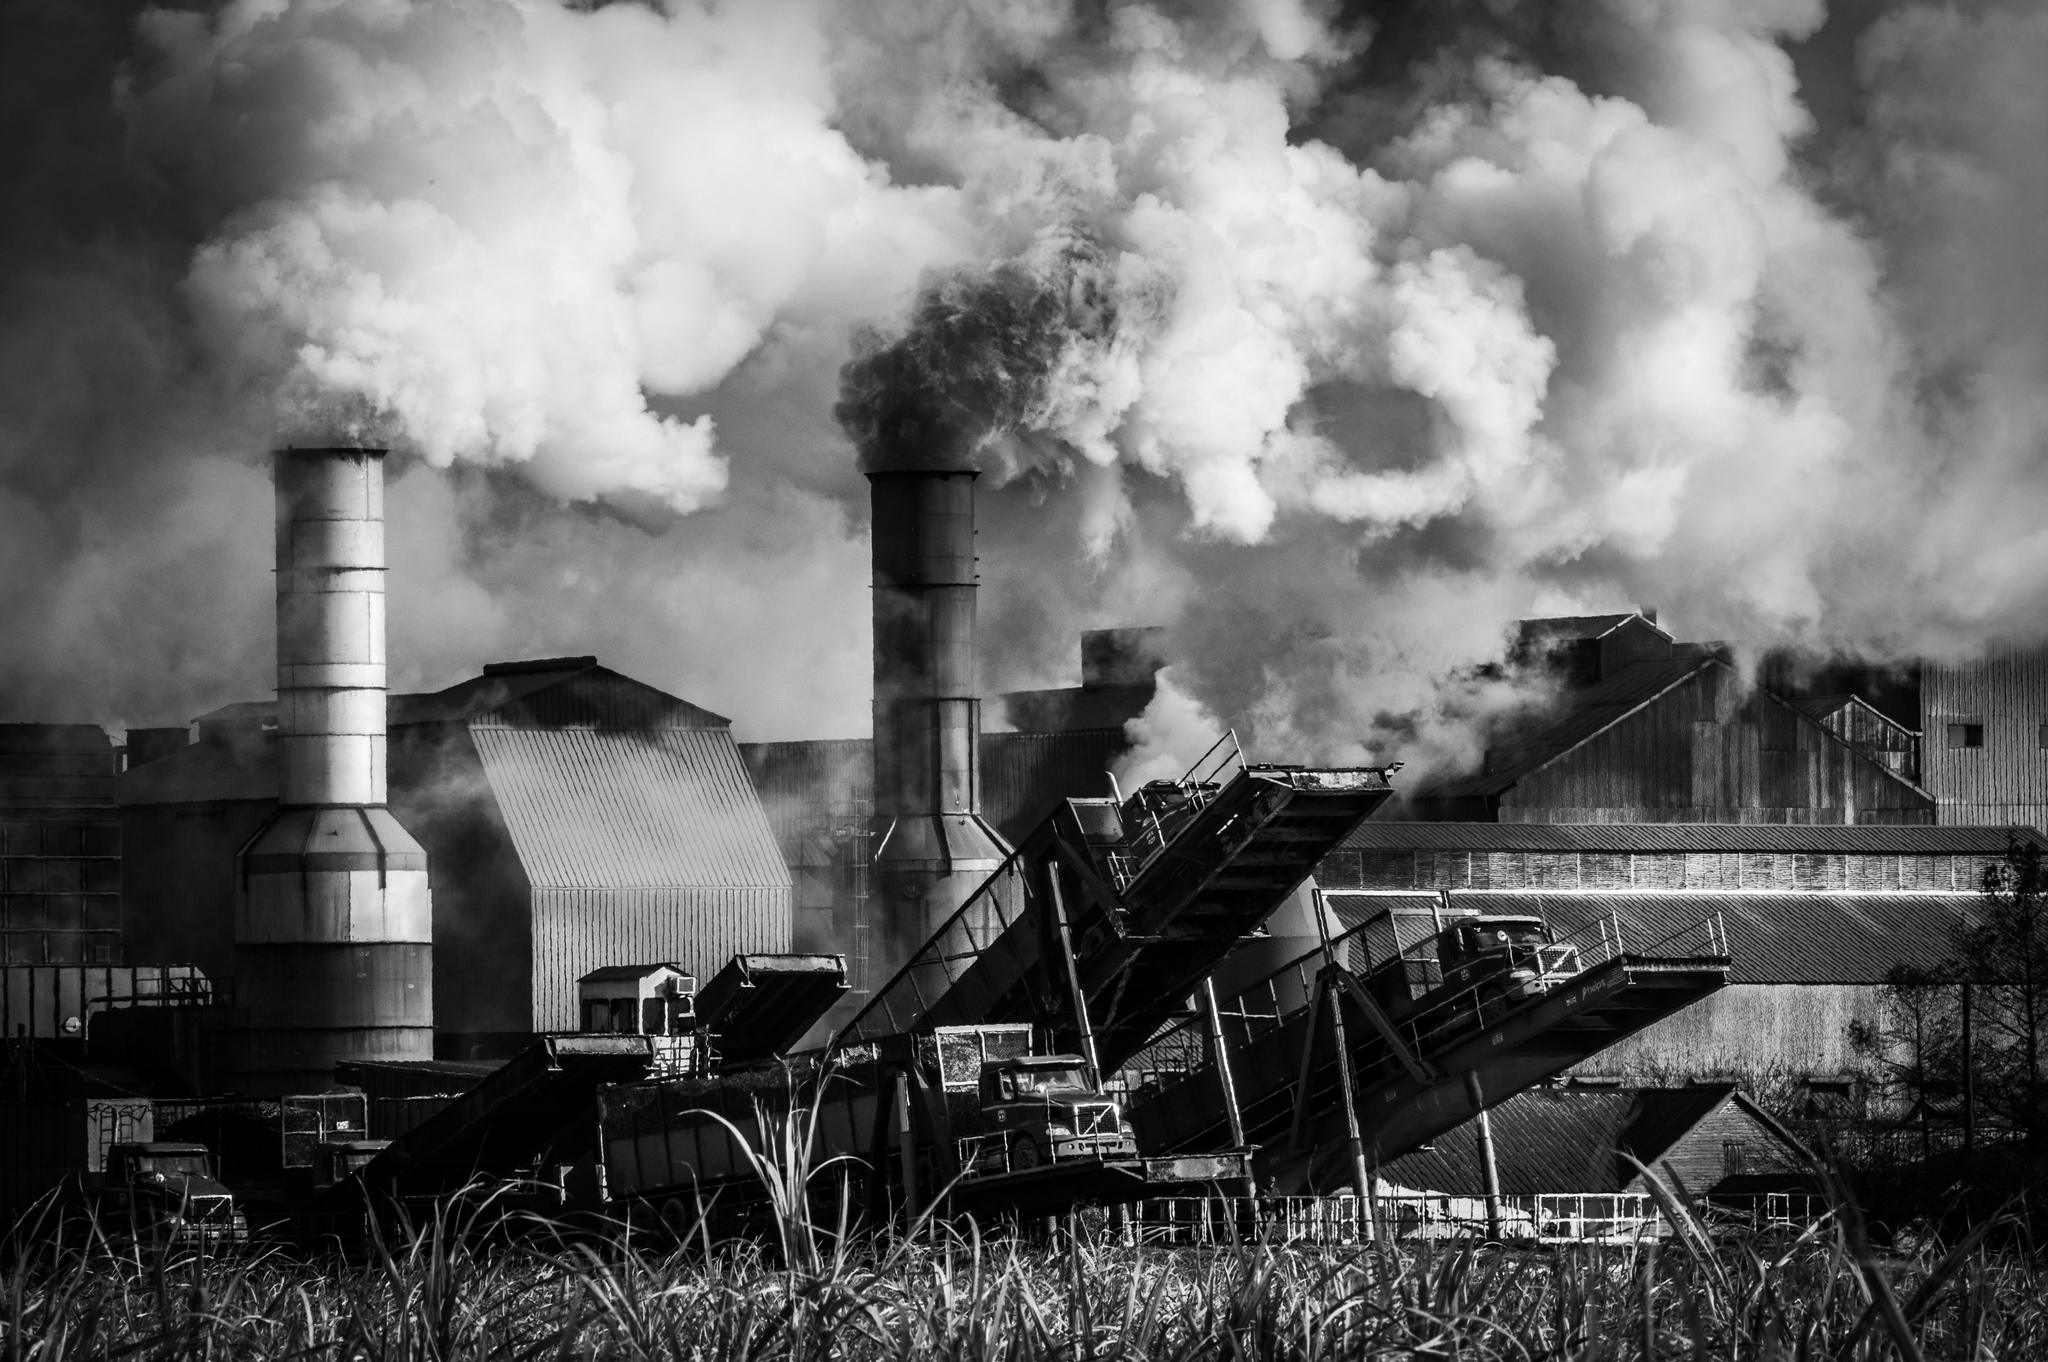 Sugarcane mill. Patoutville, Louisiana. December 2020.